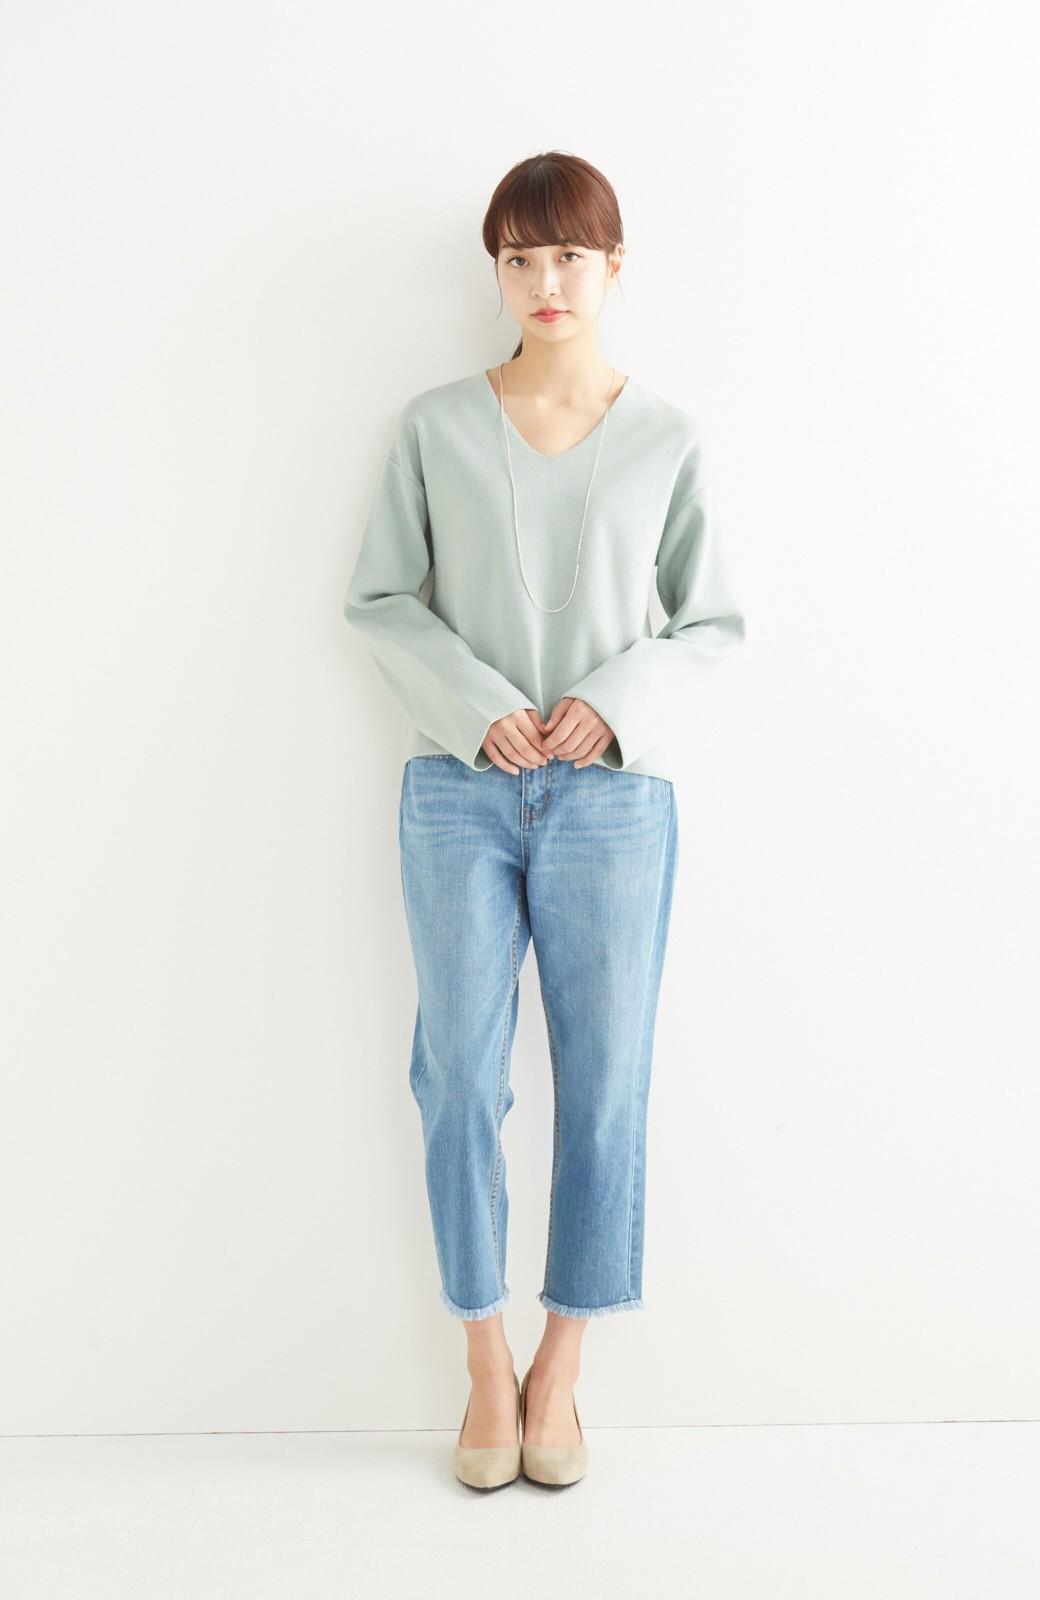 エムトロワ パッと着るだけでいい感じになれる きちんと見えて長い季節使えるミラノリブニット <ミント>の商品写真3